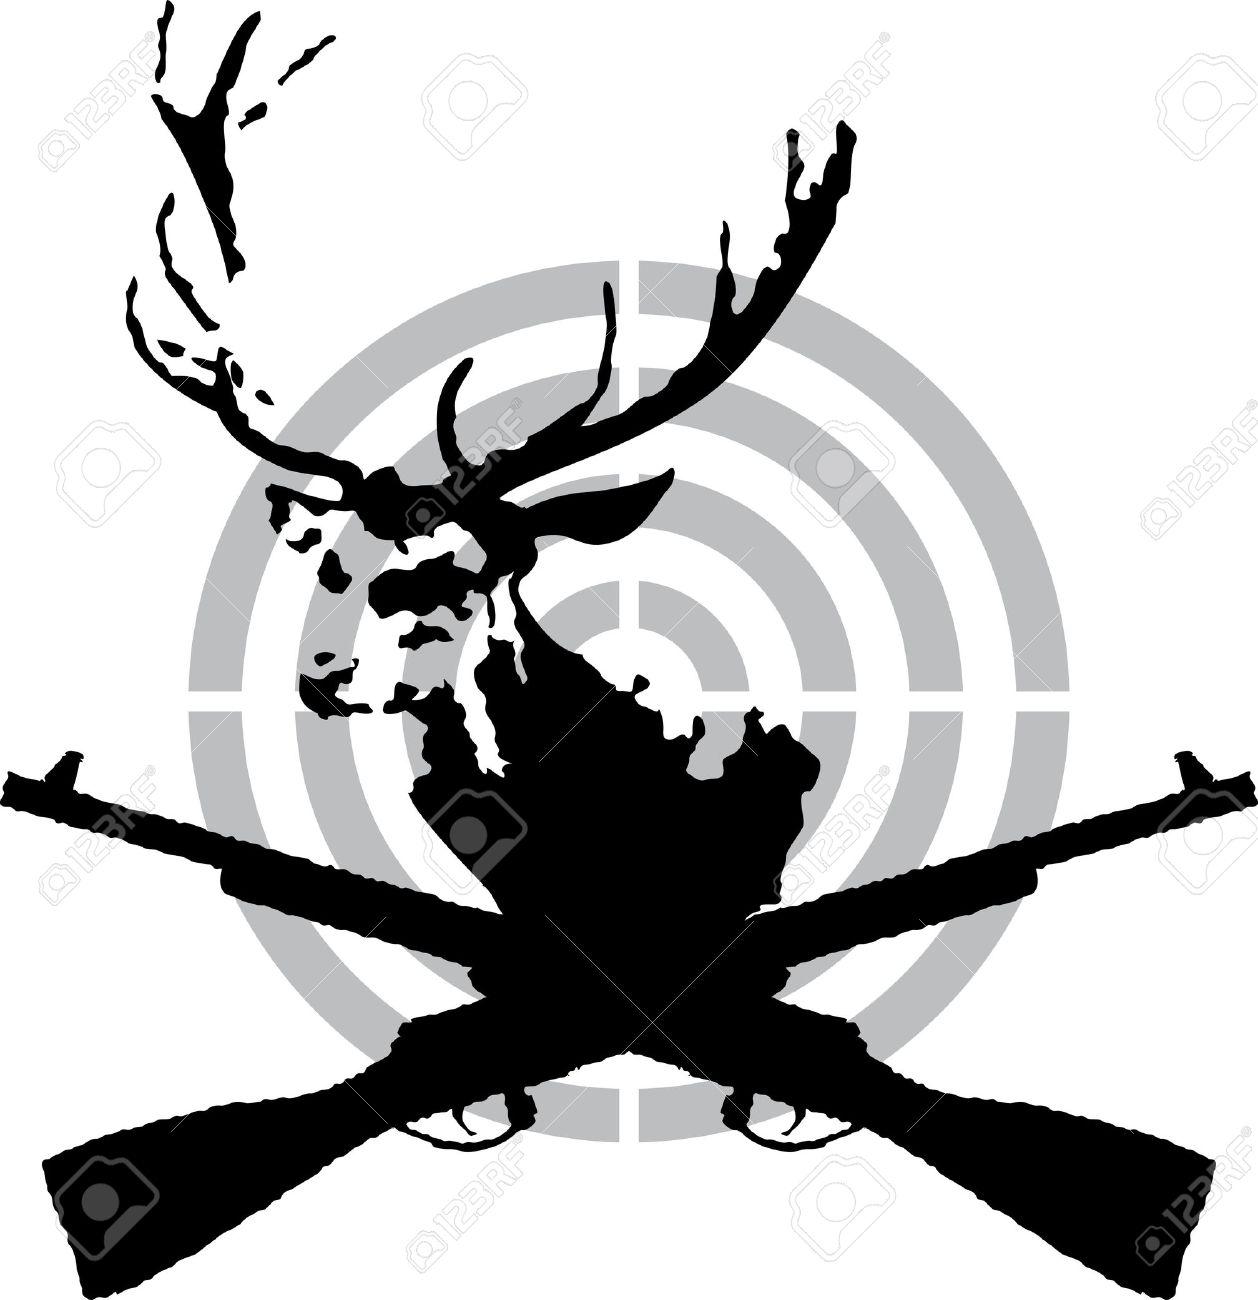 Deer hunt symbol Stock Vector - 9933532